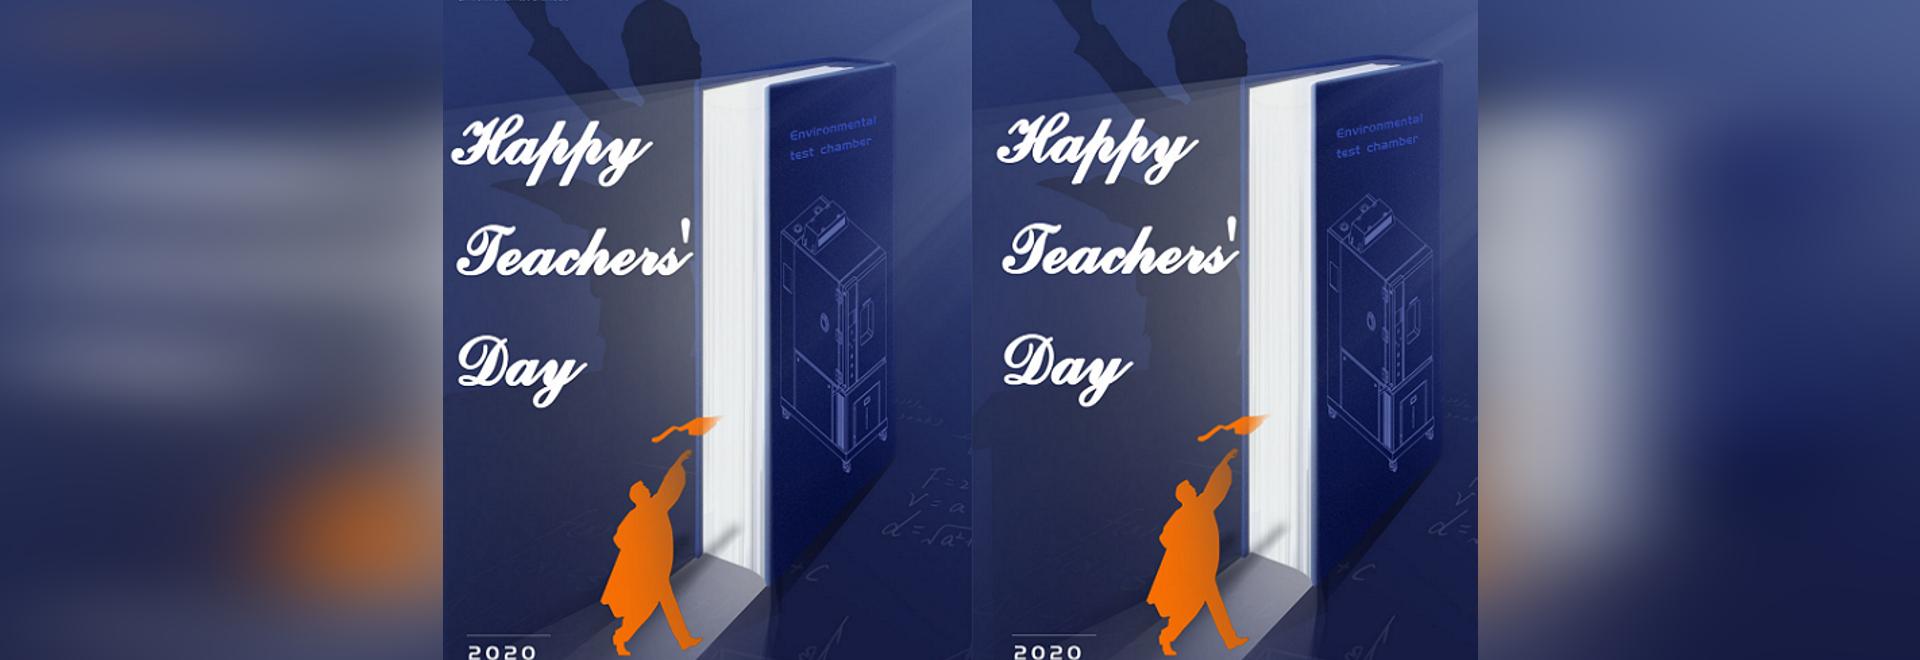 Buona Giornata degli Insegnanti!